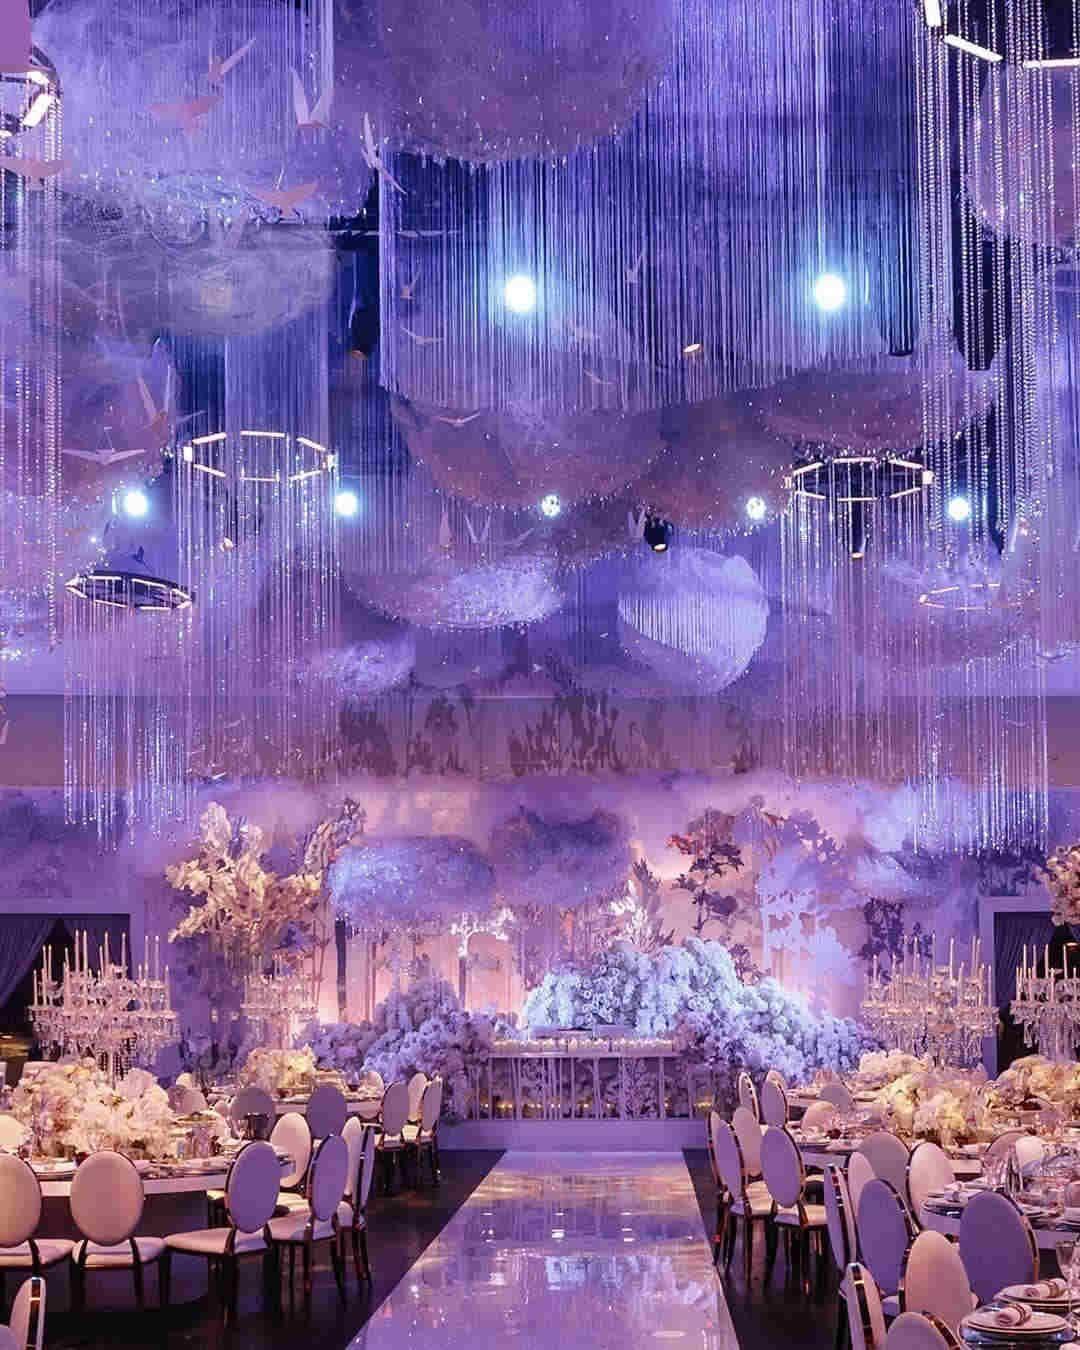 80 Vintage And Elegant Wedding Decoration Ideas In Spring Summer Topbes Winter Wonderland Wedding Theme Indoor Wedding Ceremonies Winter Wonderland Wedding